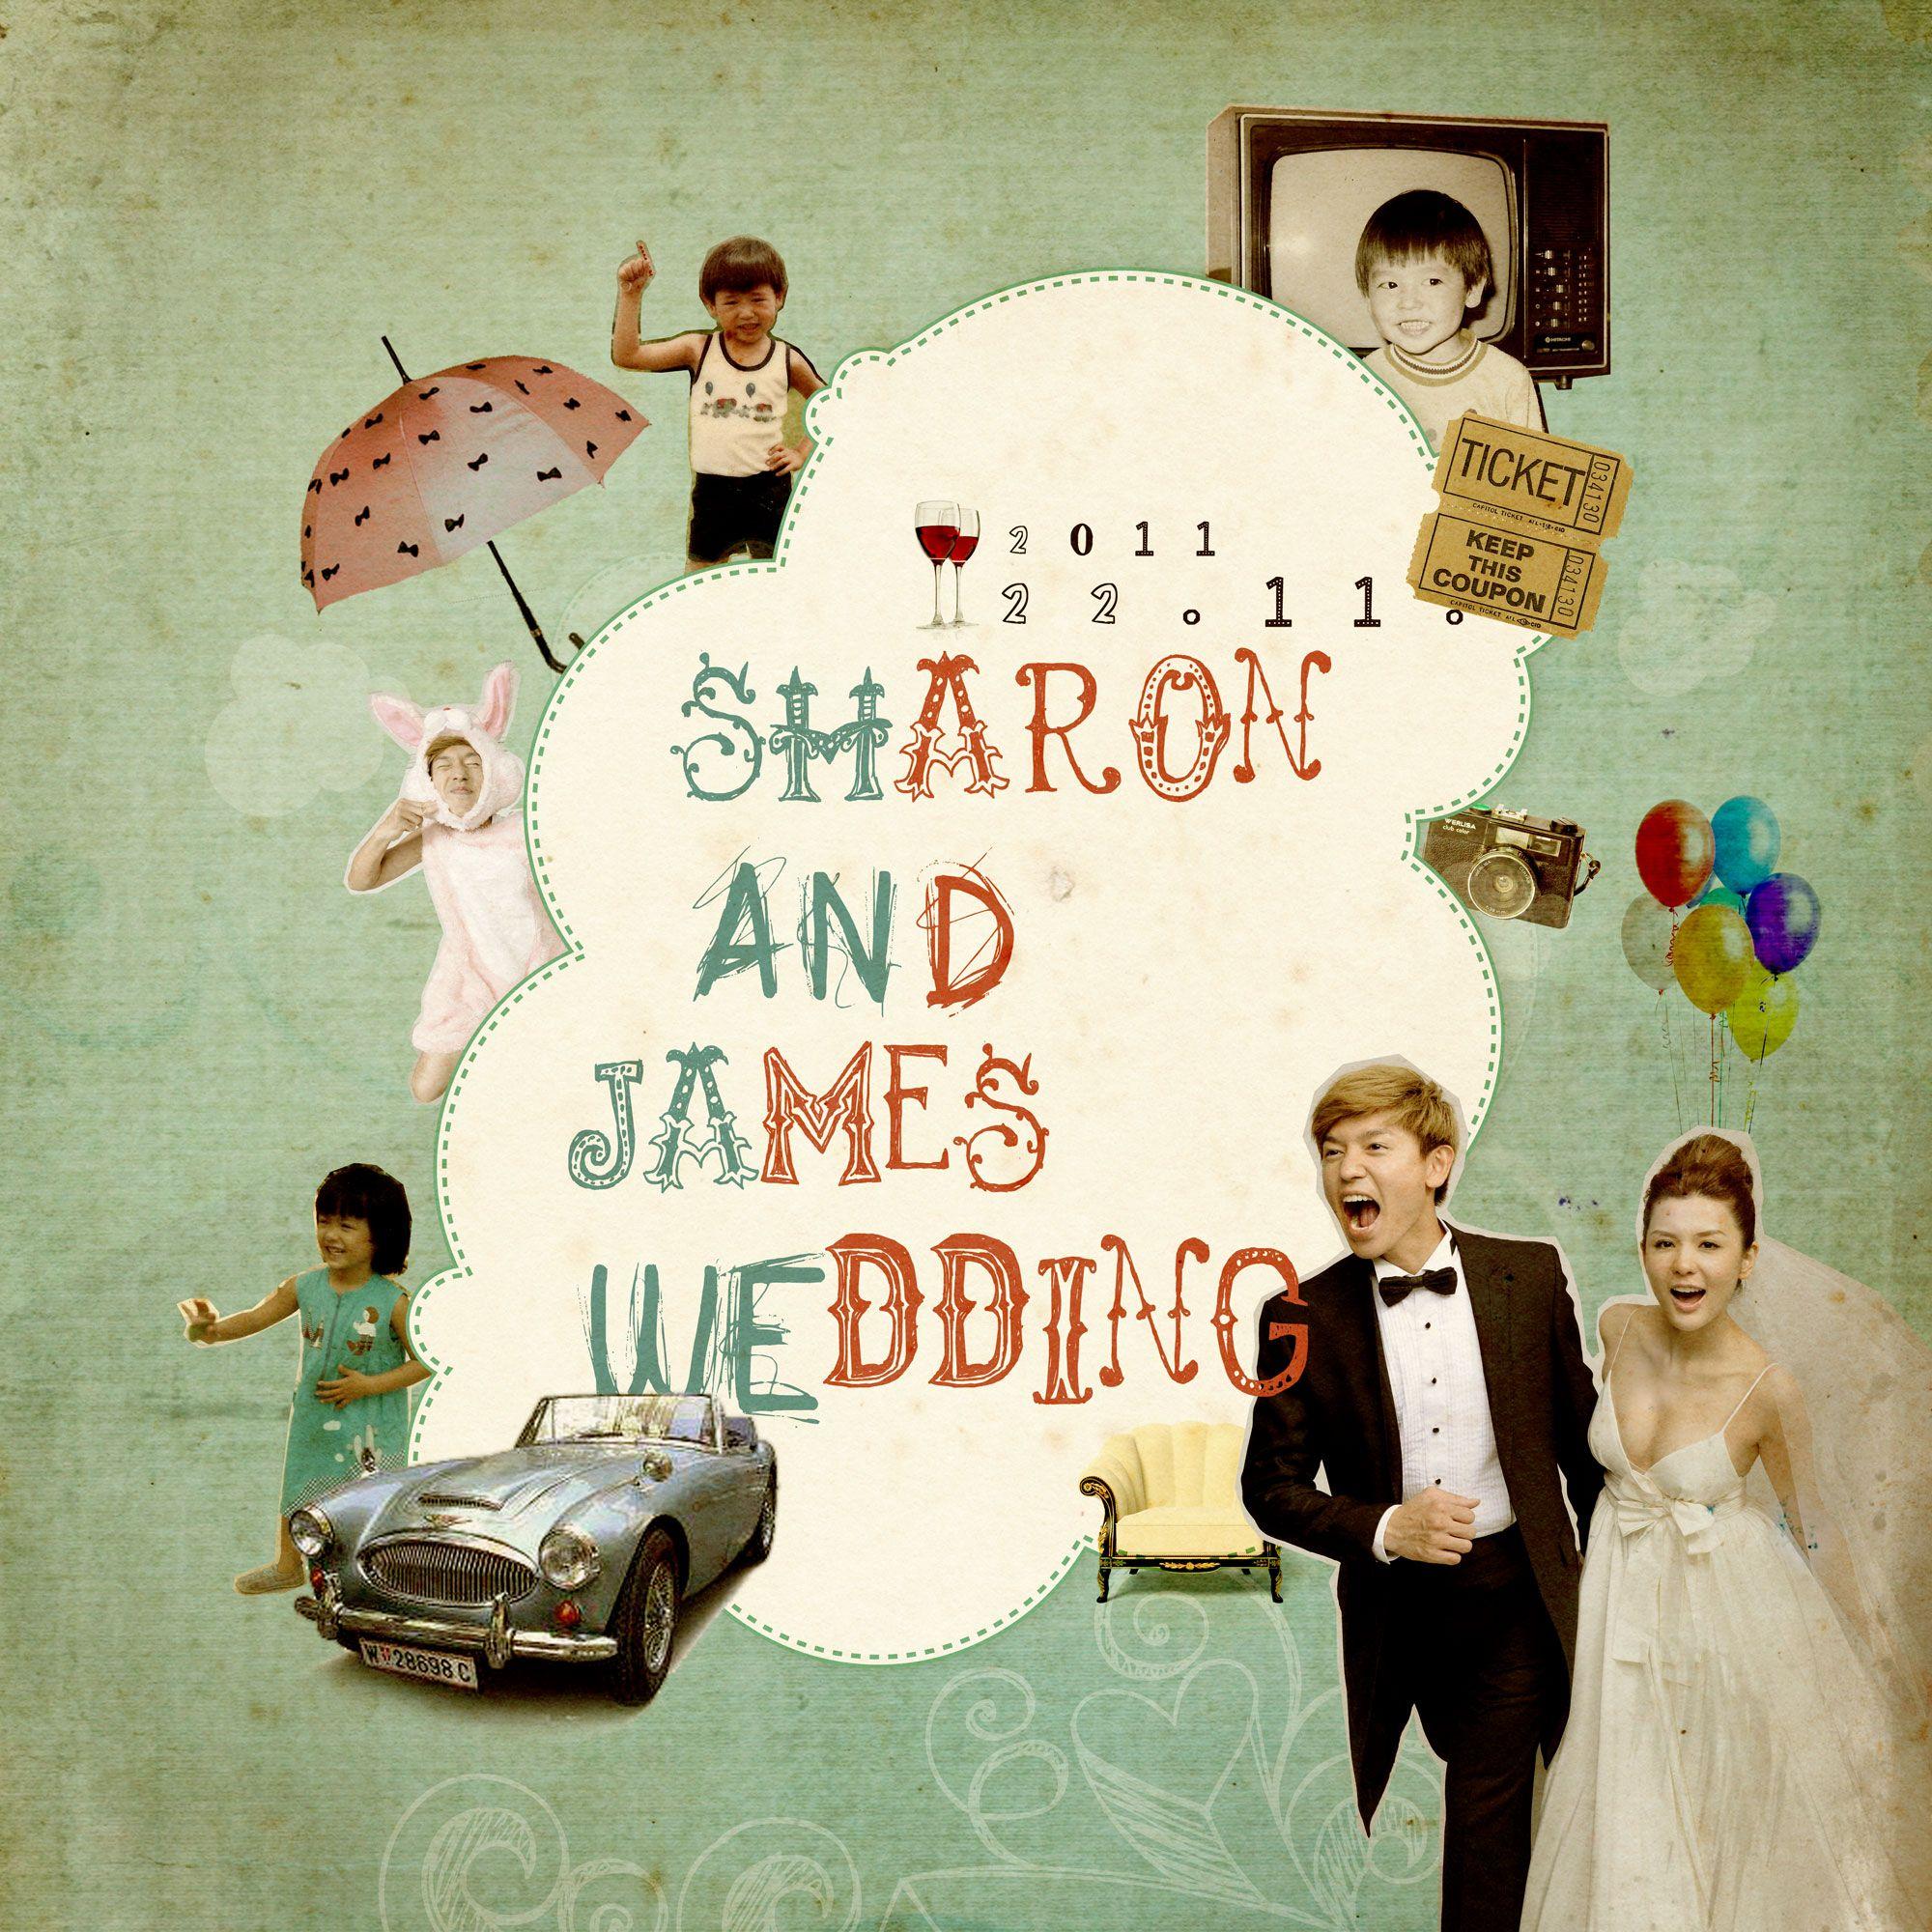 From POP ART WEDDING | Pop, mod weddings | Pinterest | Wedding and ...